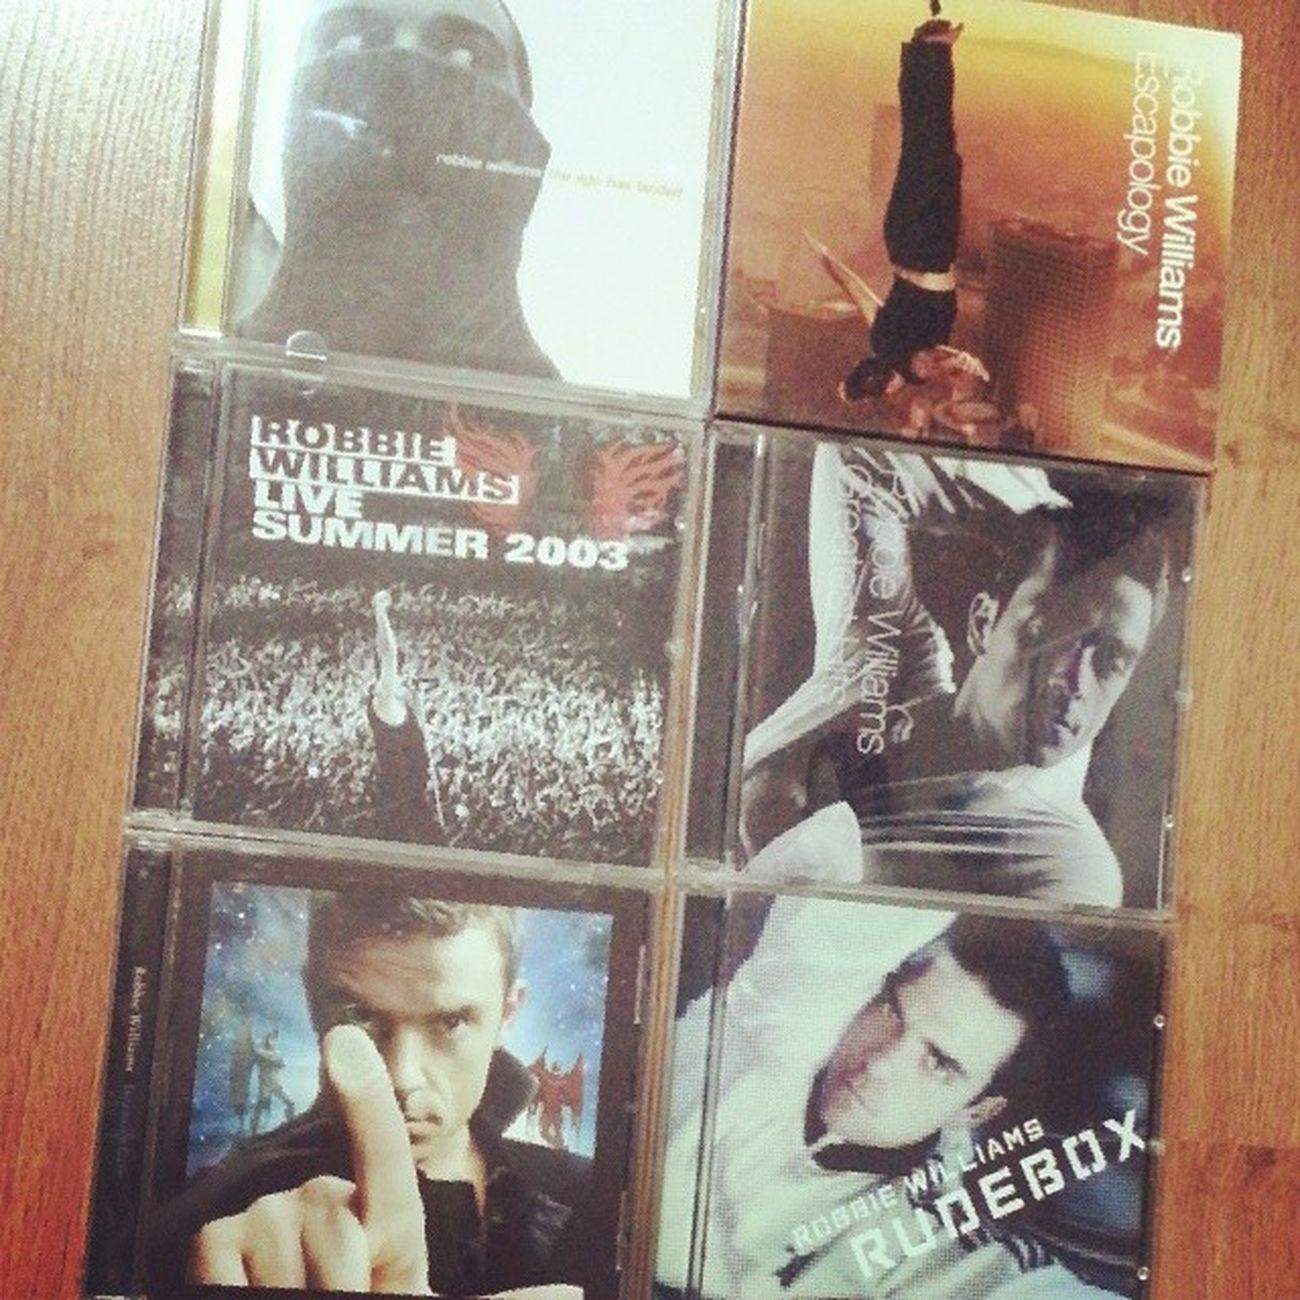 로비 오빠 새앨범 Swingsbothways UK차트 1위 기념!!! 내 보물들 기념사진~ 그런데 제일 좋아하는 앨범이 숑 사라졌다ㅠ 역시 오빠는 최고!! Robbie  Williams forever